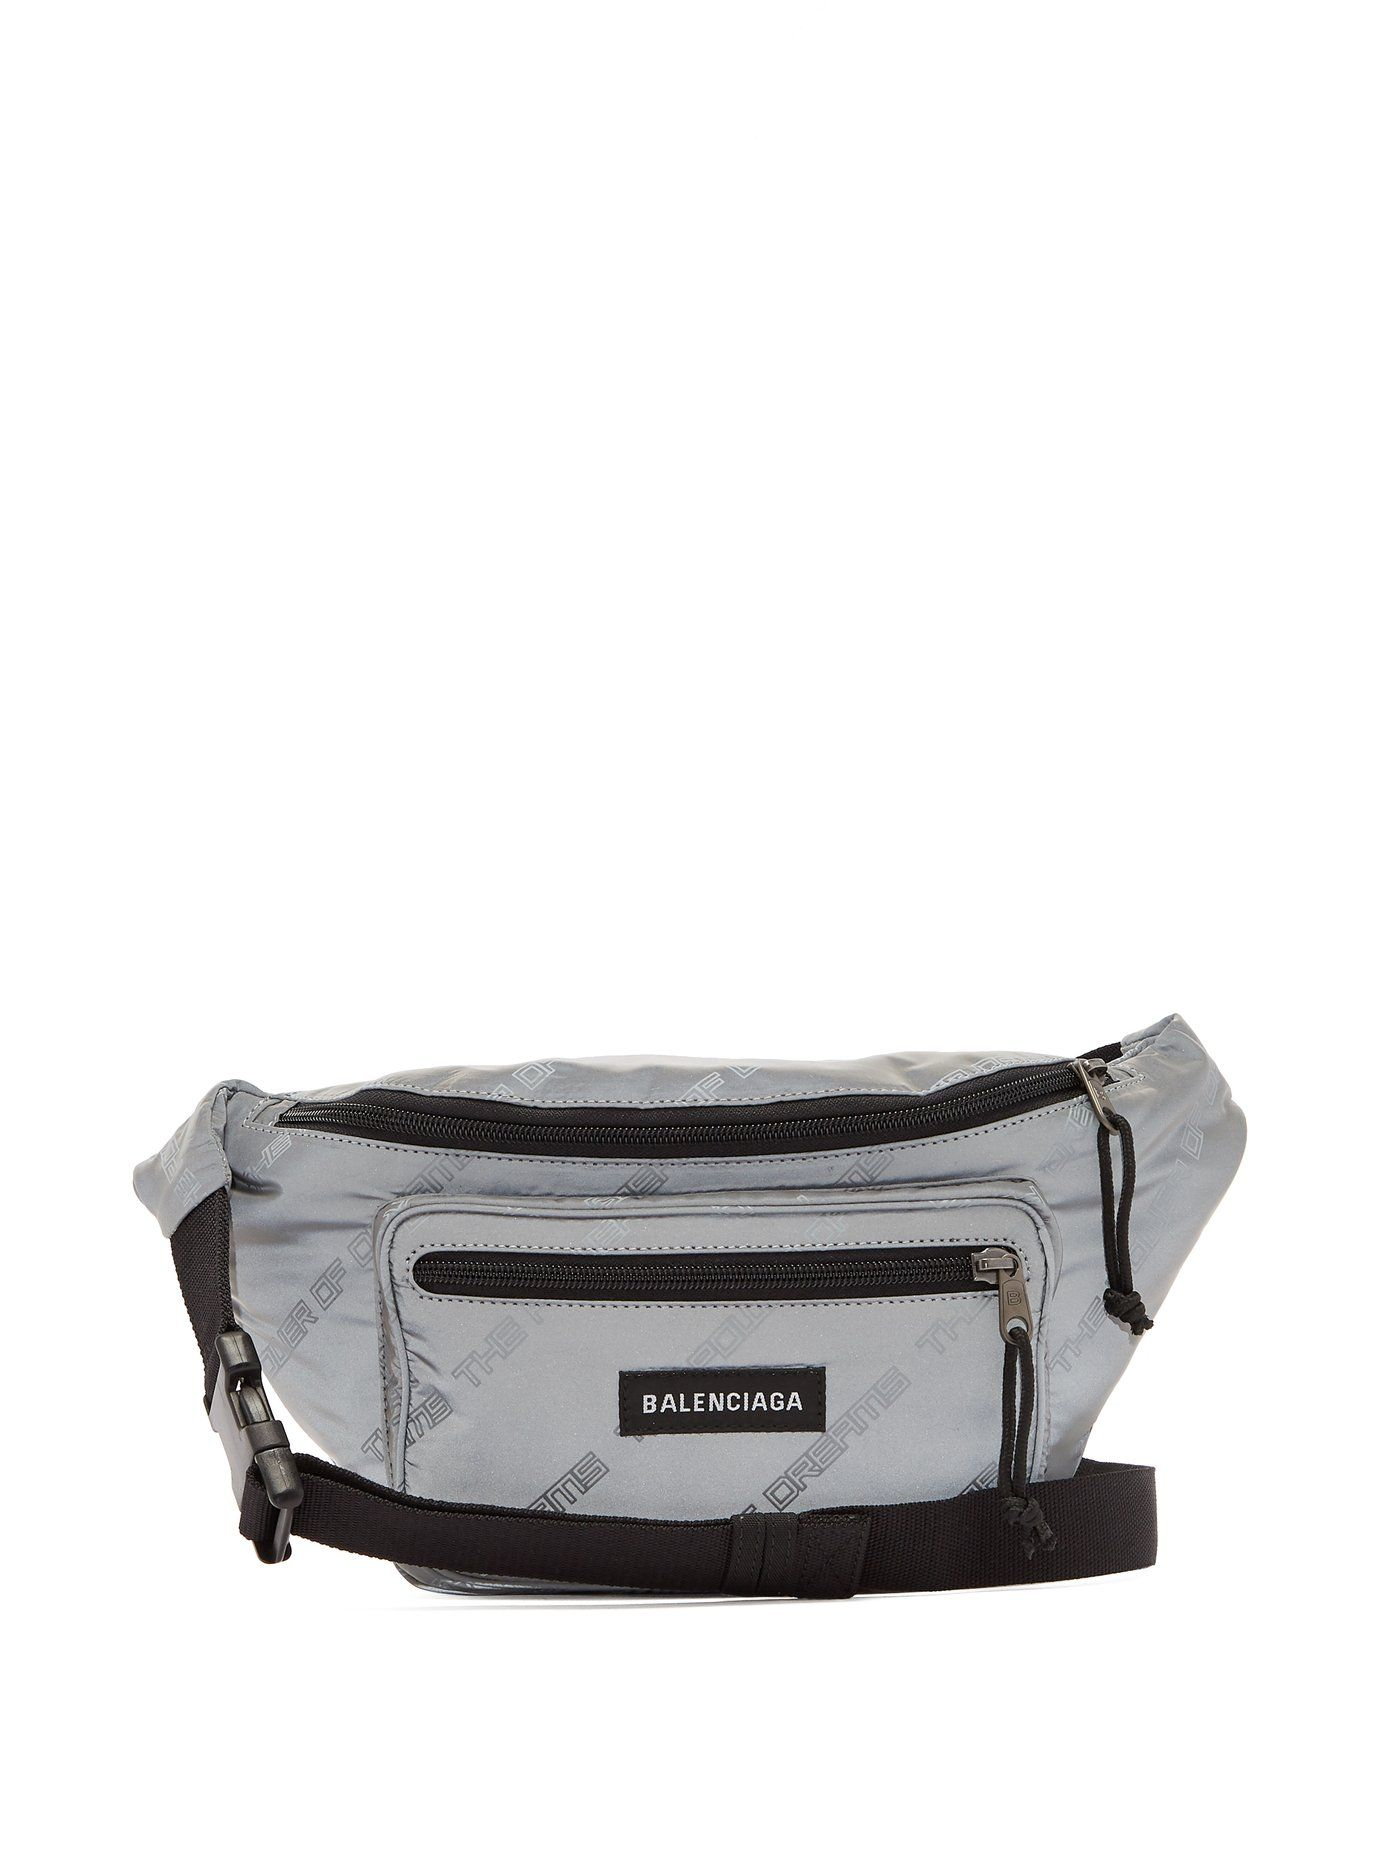 1016763e4d Balenciaga Power of Dreams-print belt bag | Bags | Bags, Balenciaga ...